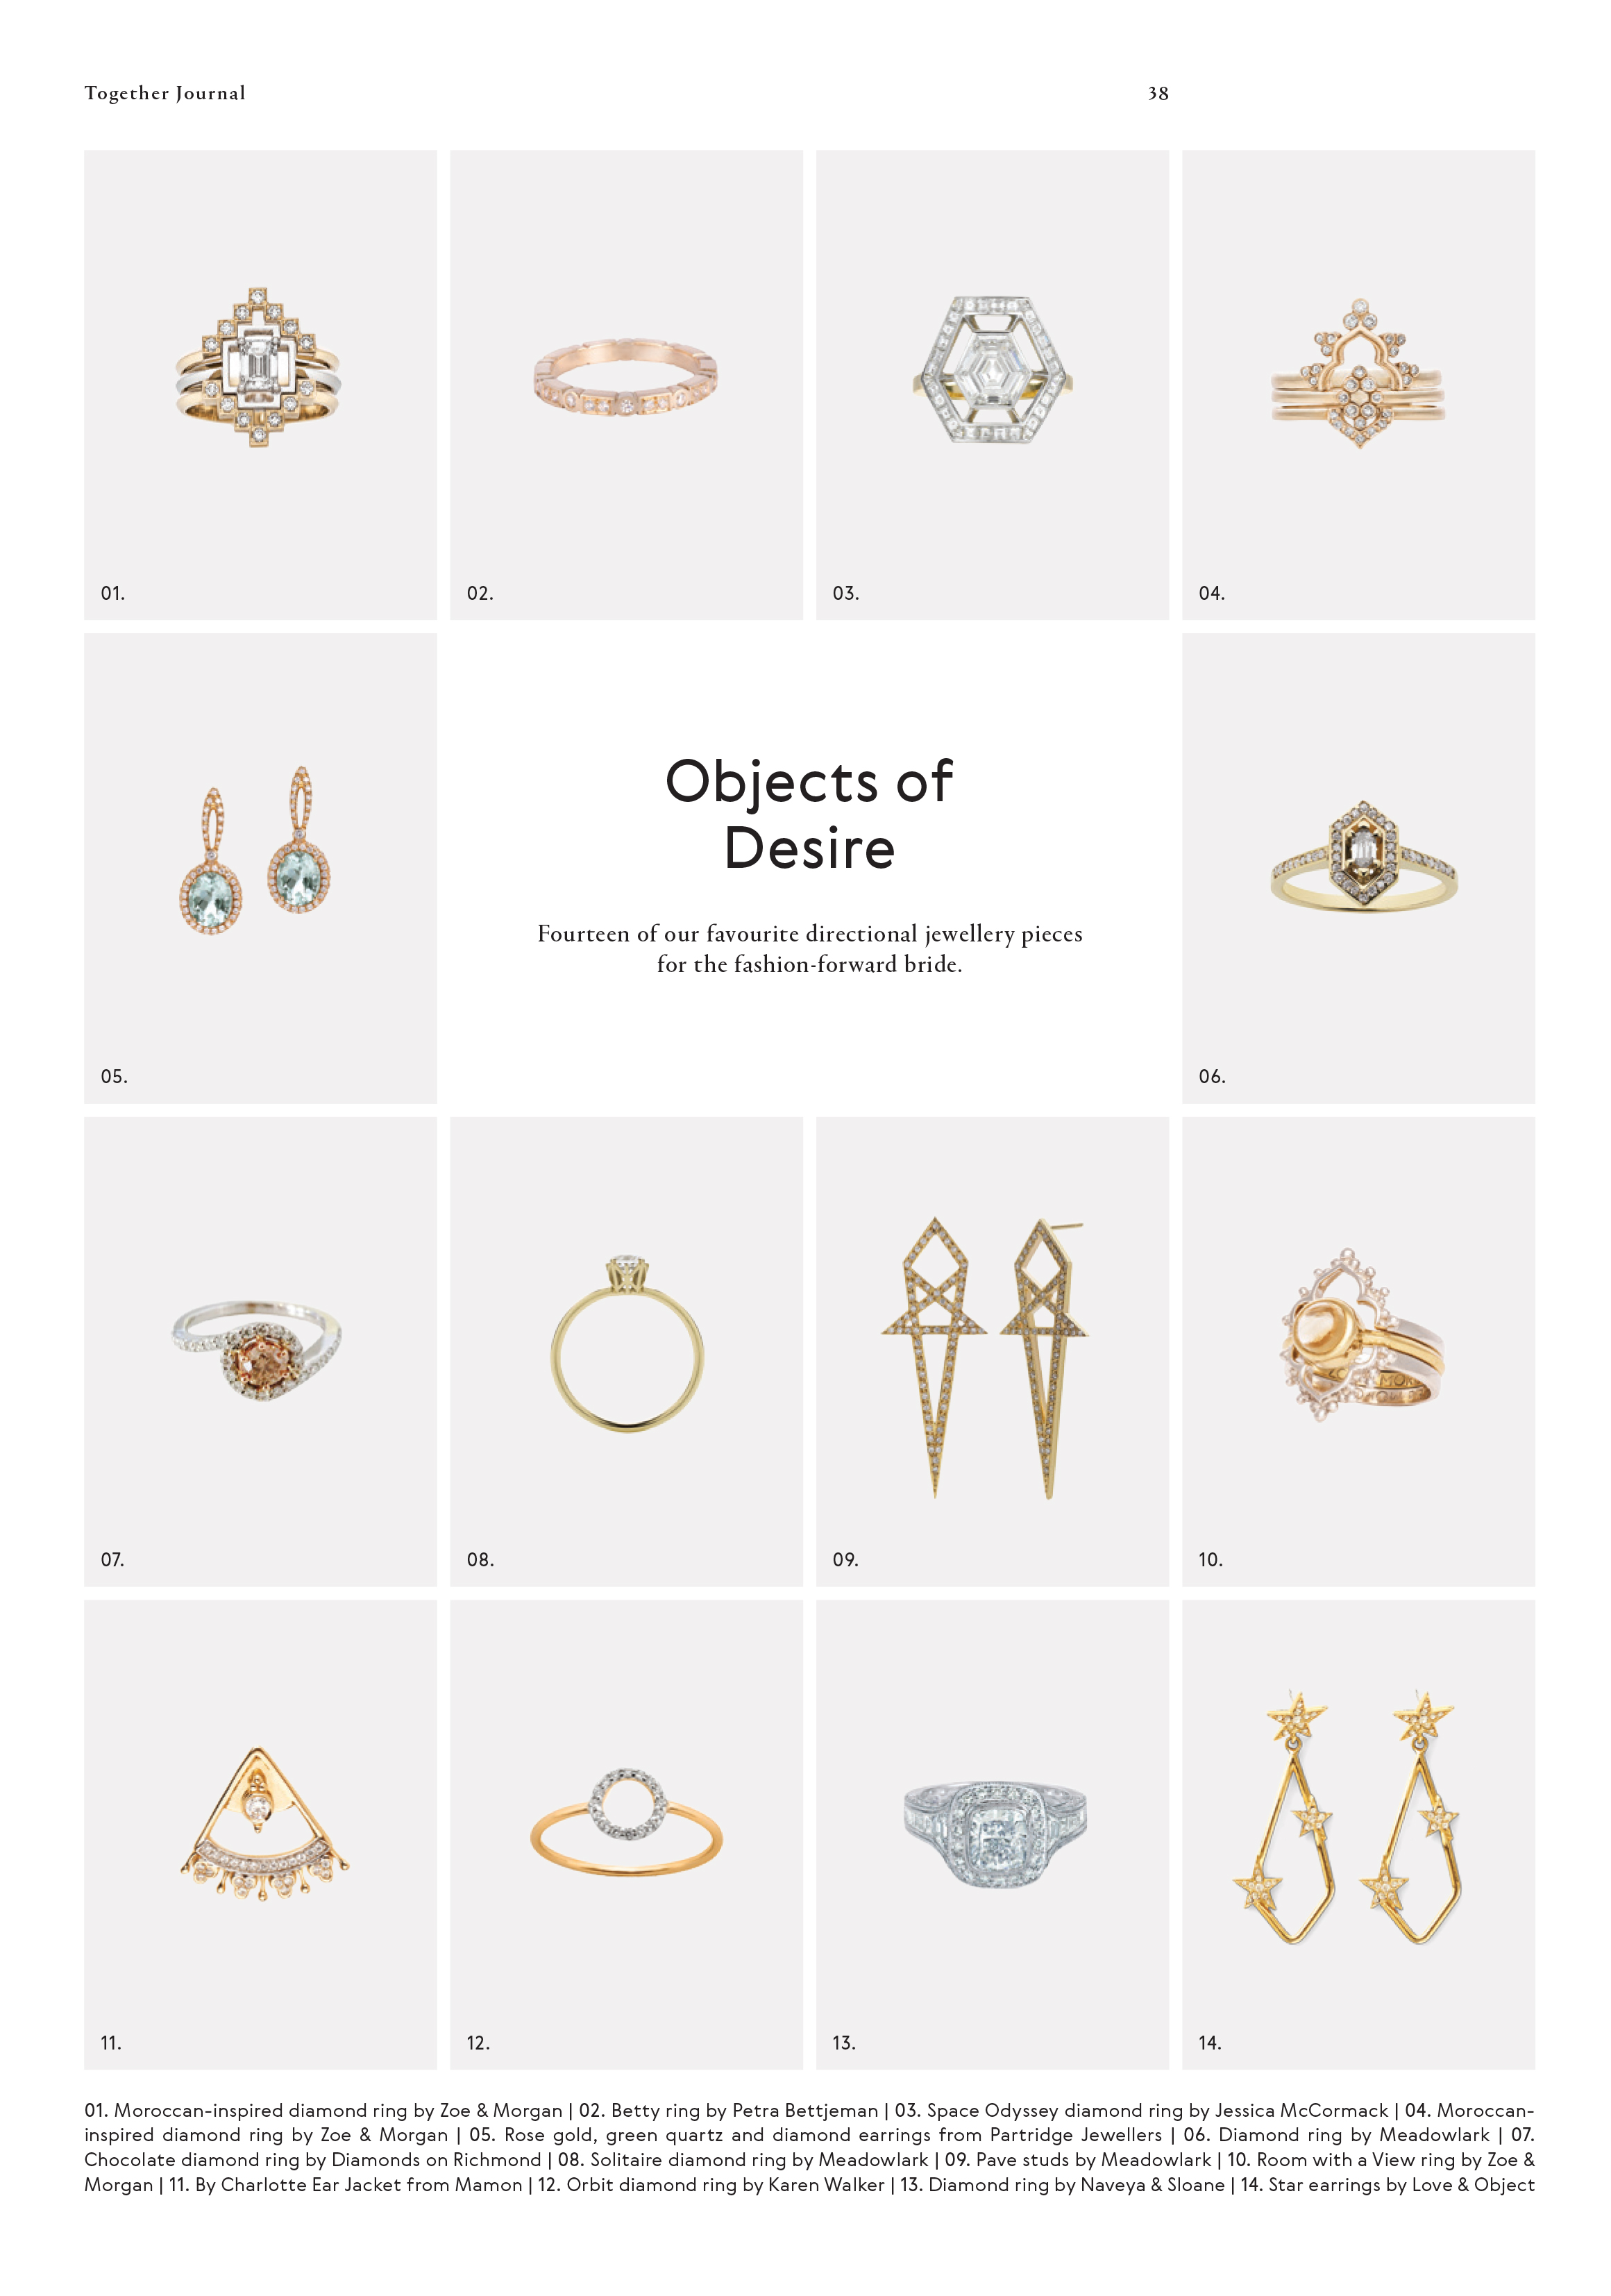 tj4_038-039_objects-of-desire